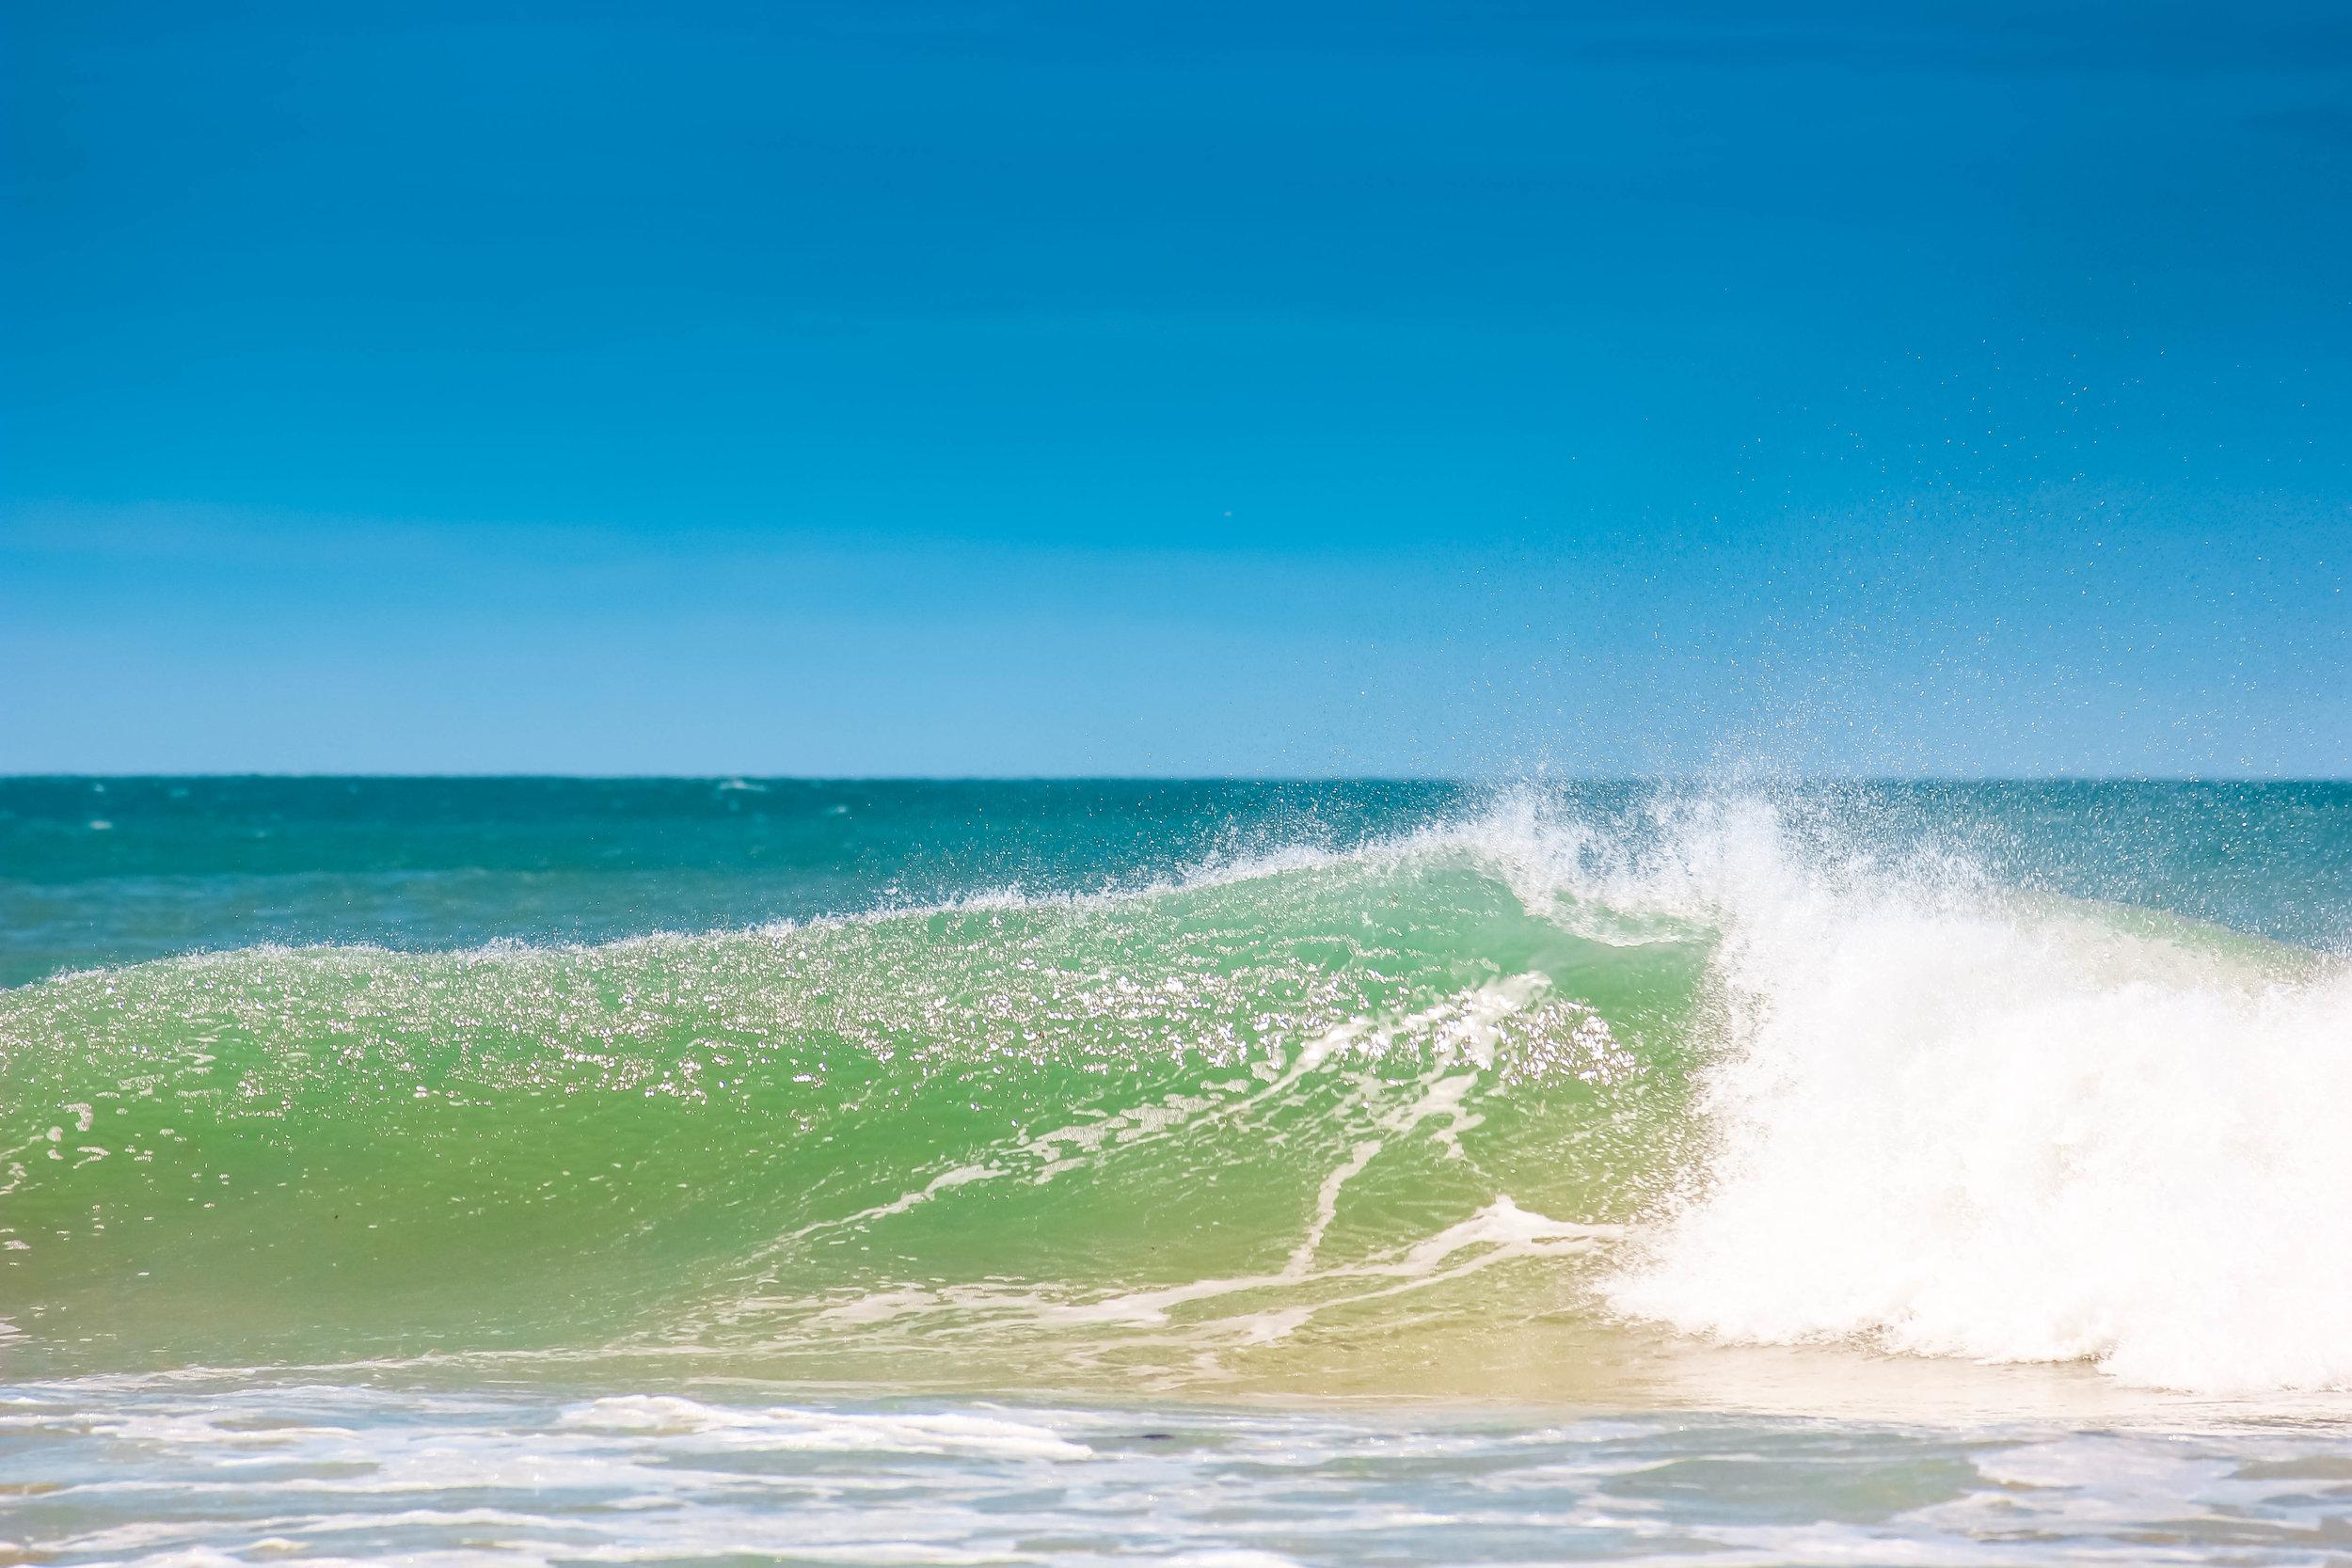 12. Waves.jpg